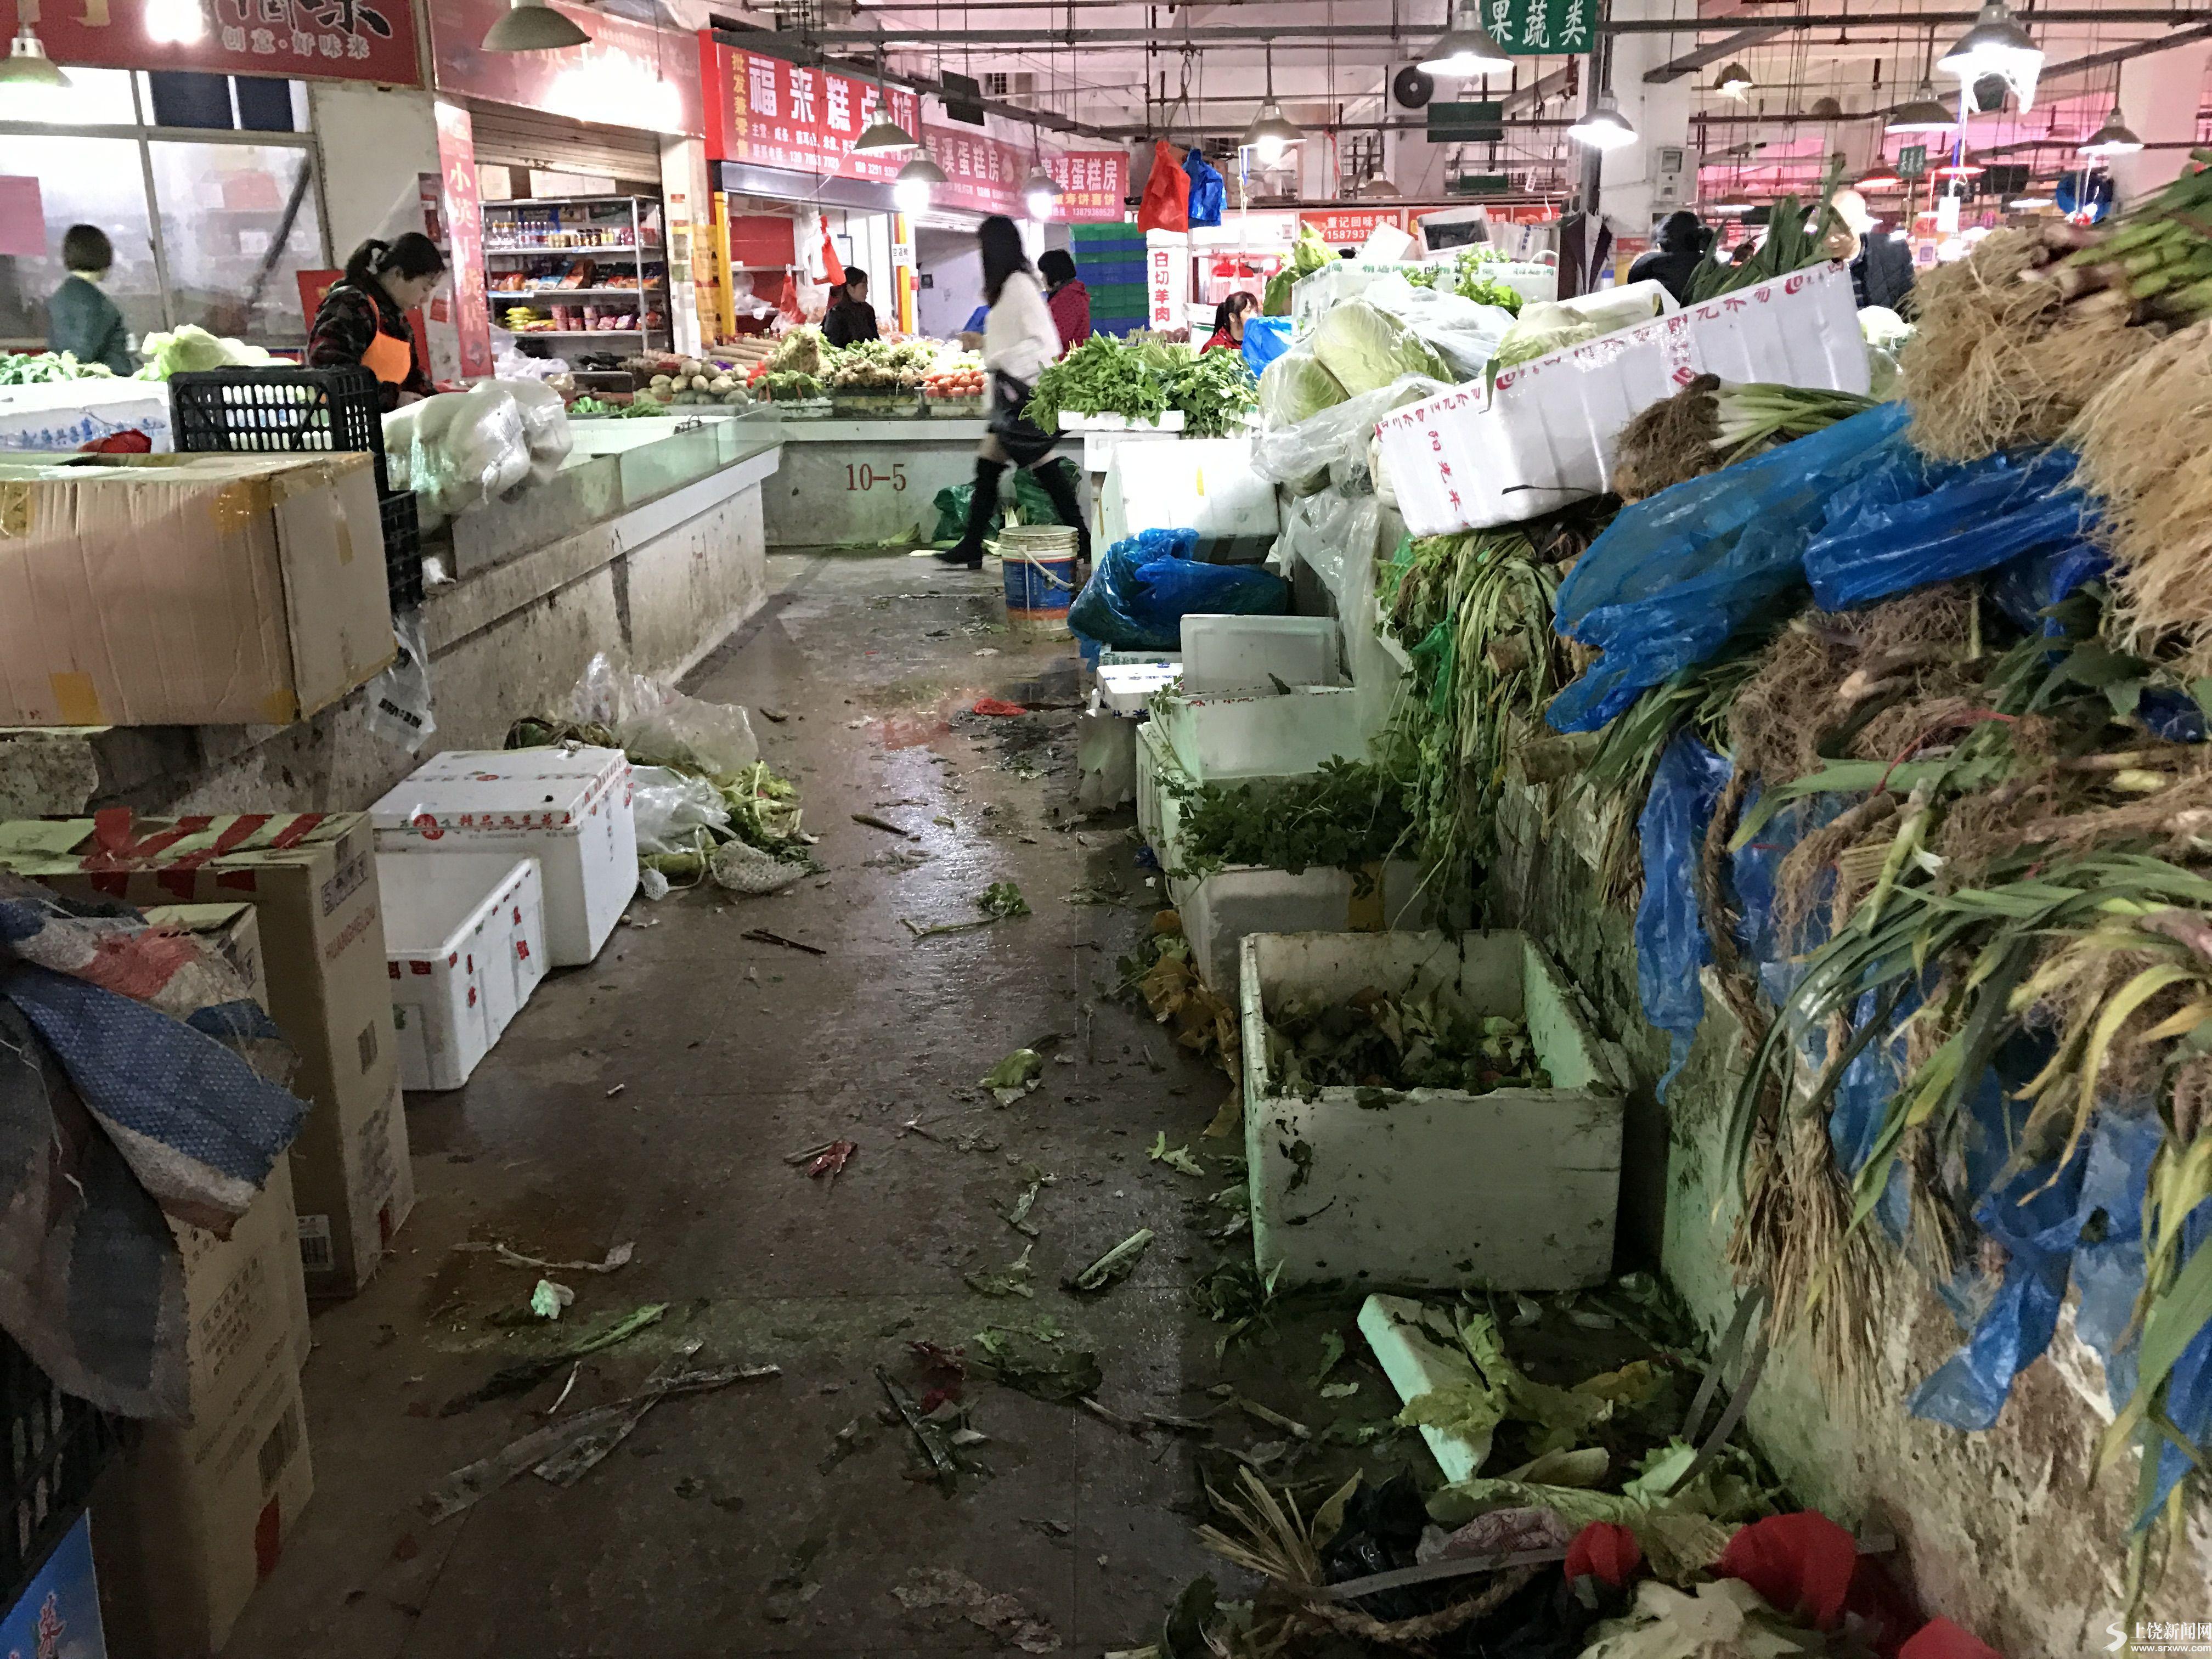 饶城部分农贸市场脏乱差 市民呼吁加强整治